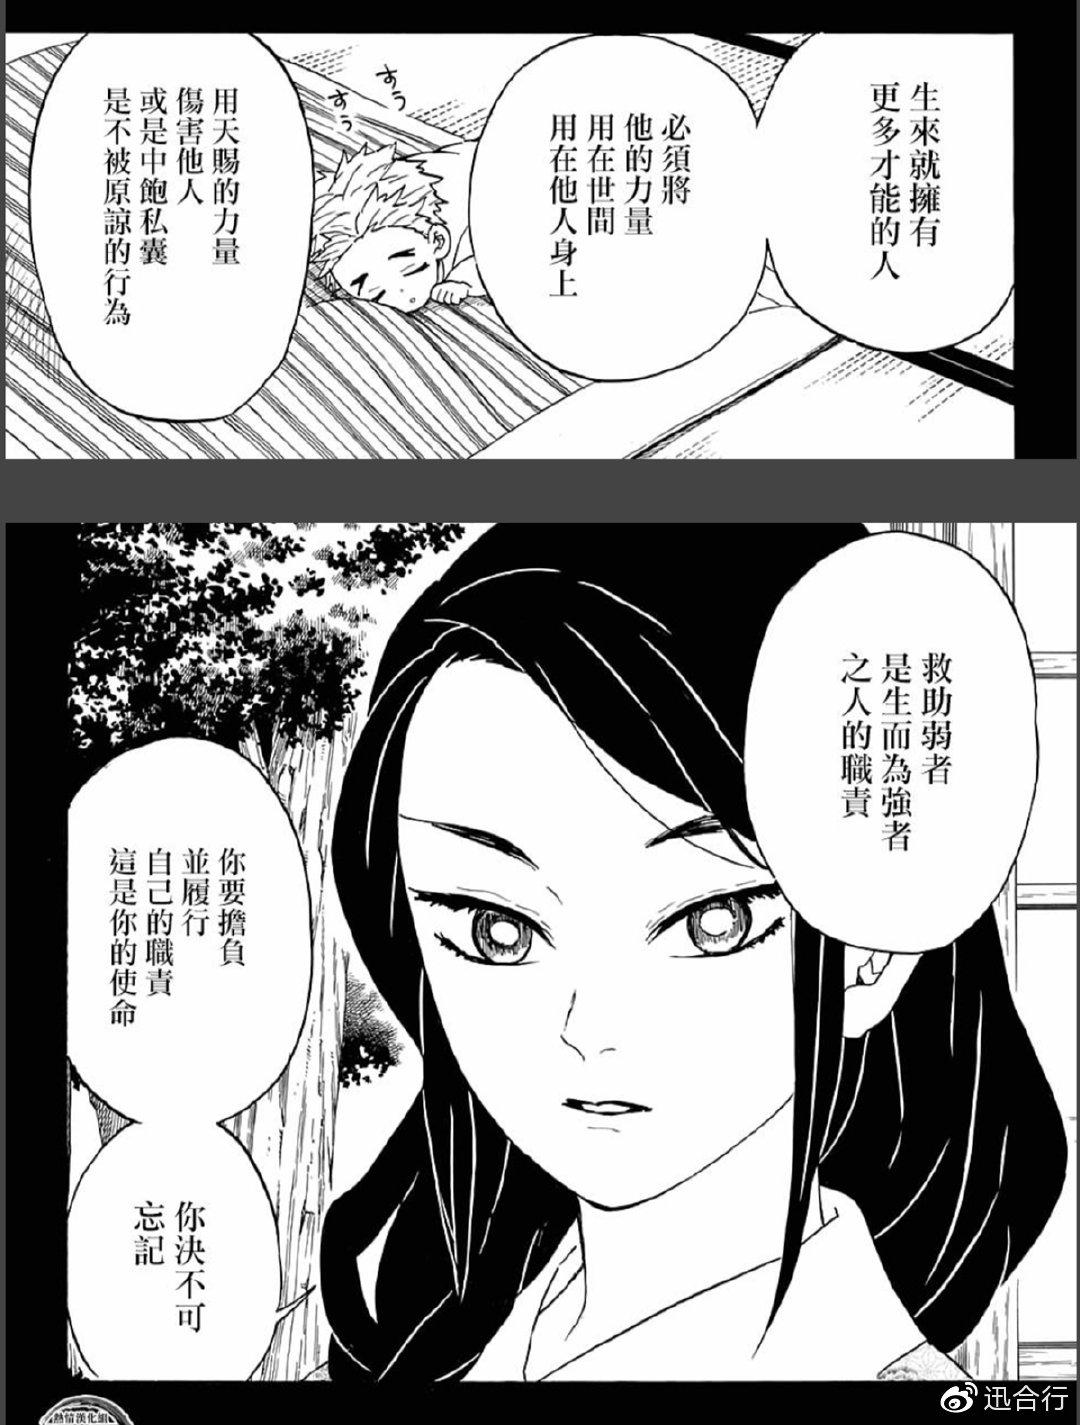 (鬼灭之刃 漫画)